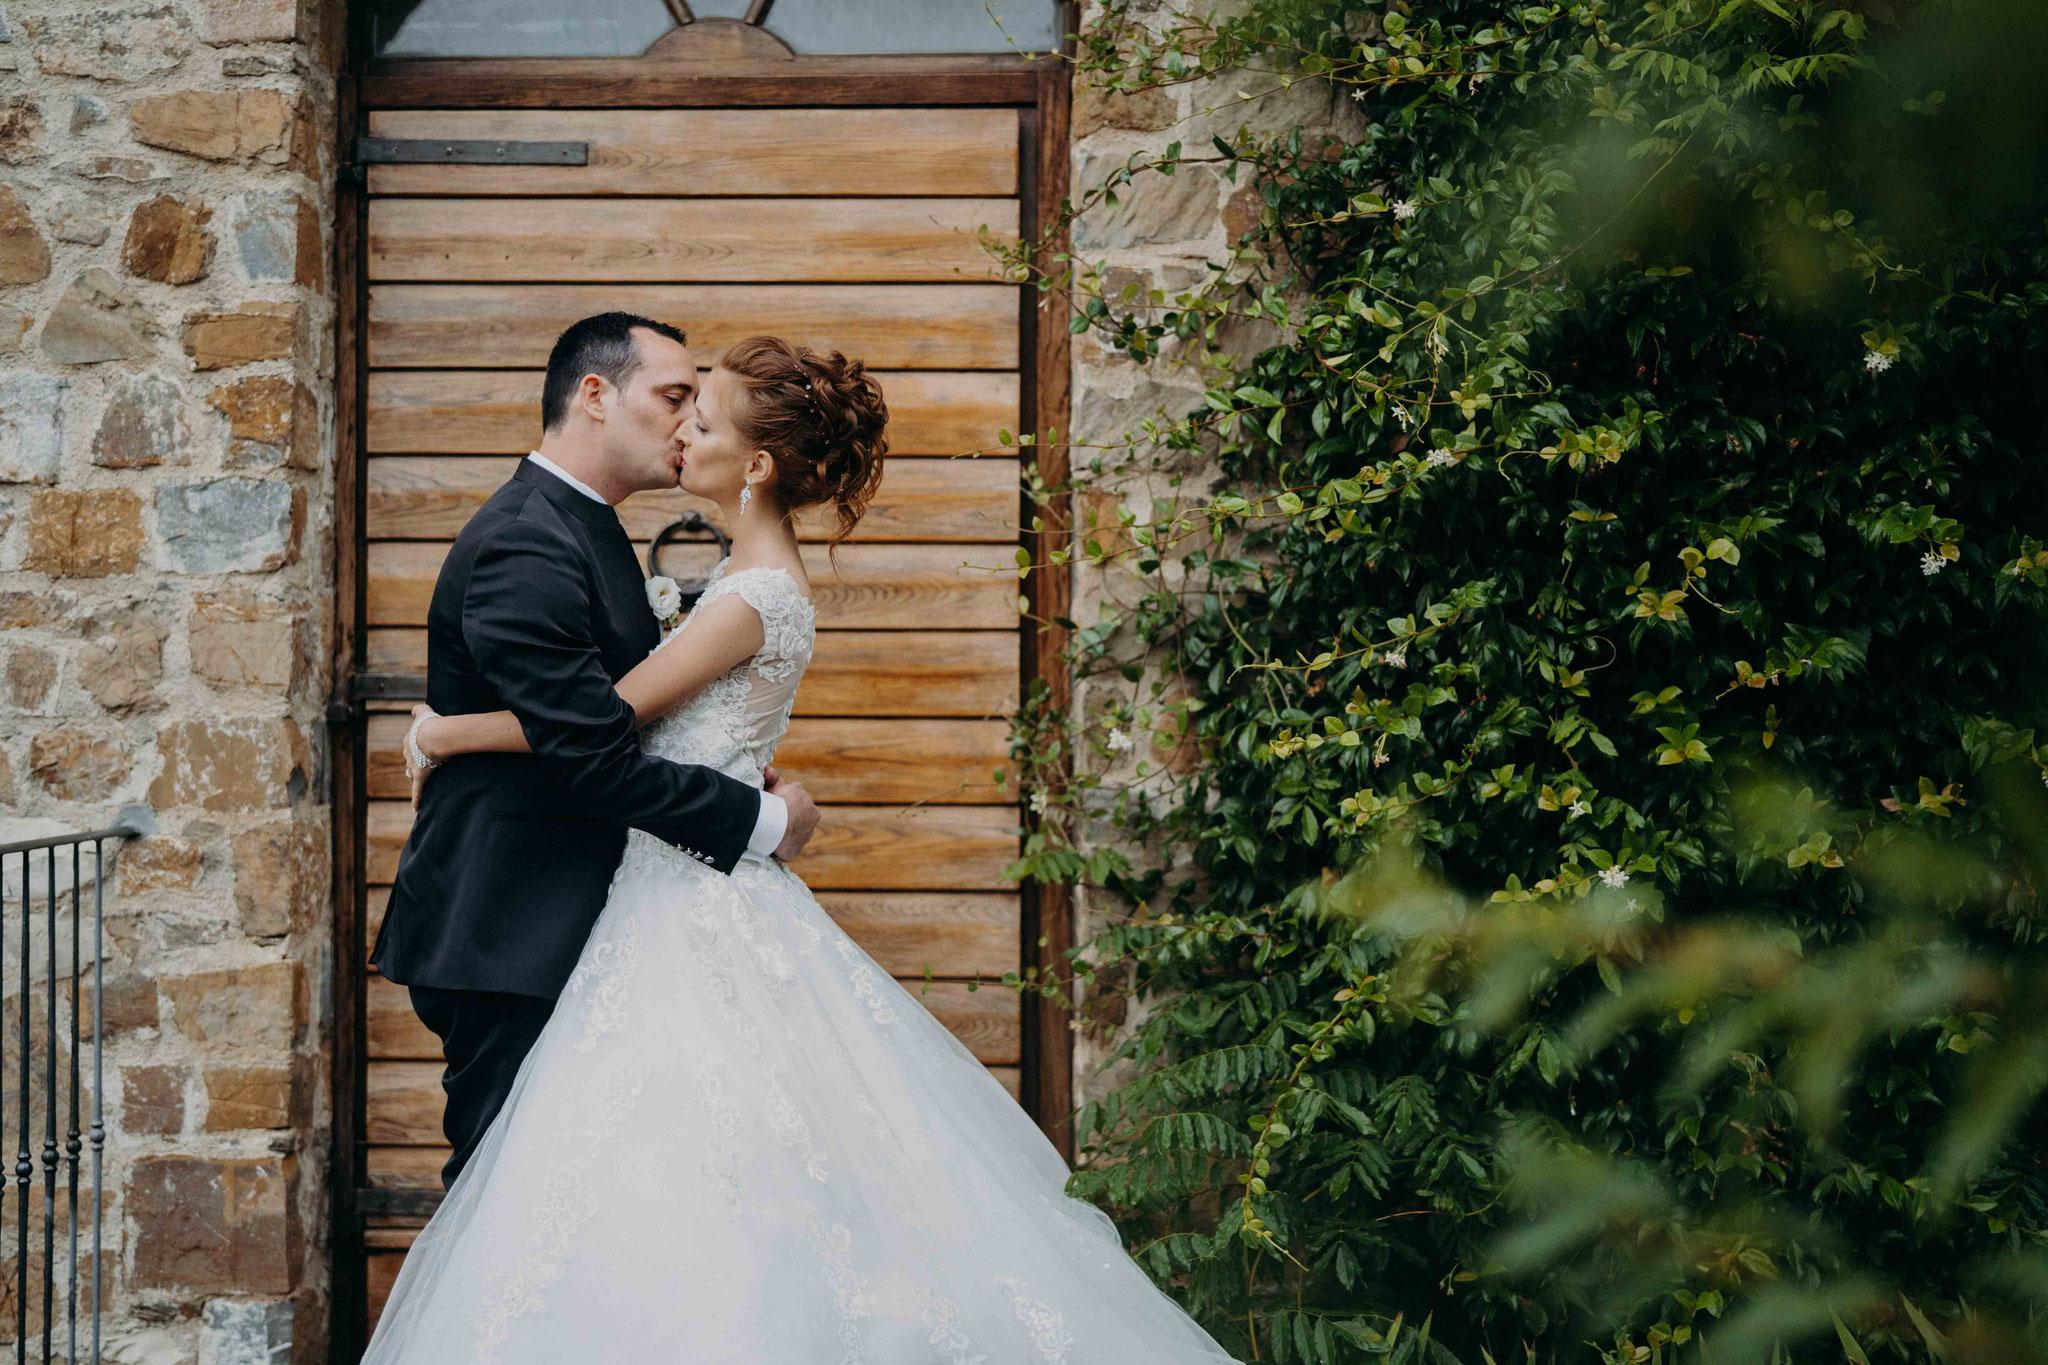 tuscany_wedding_photographer_51